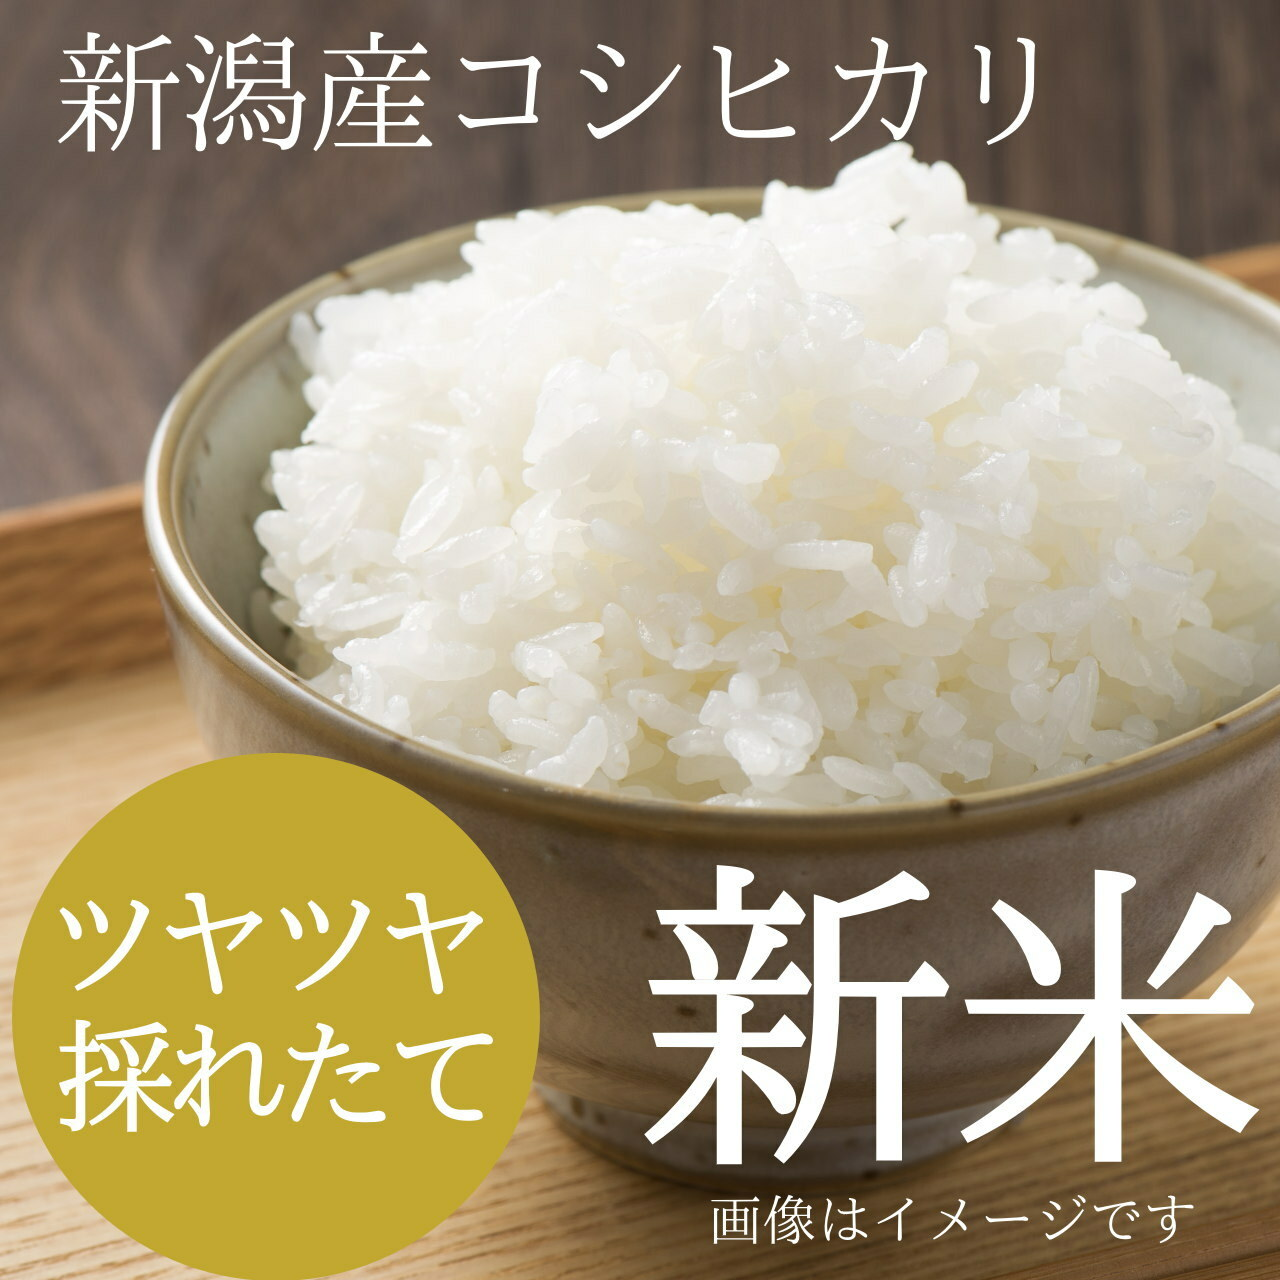 新米 新潟コシヒカリ 10kg (10キロ)新潟米 精白米 農家のお米 2019年 新潟県阿賀野産